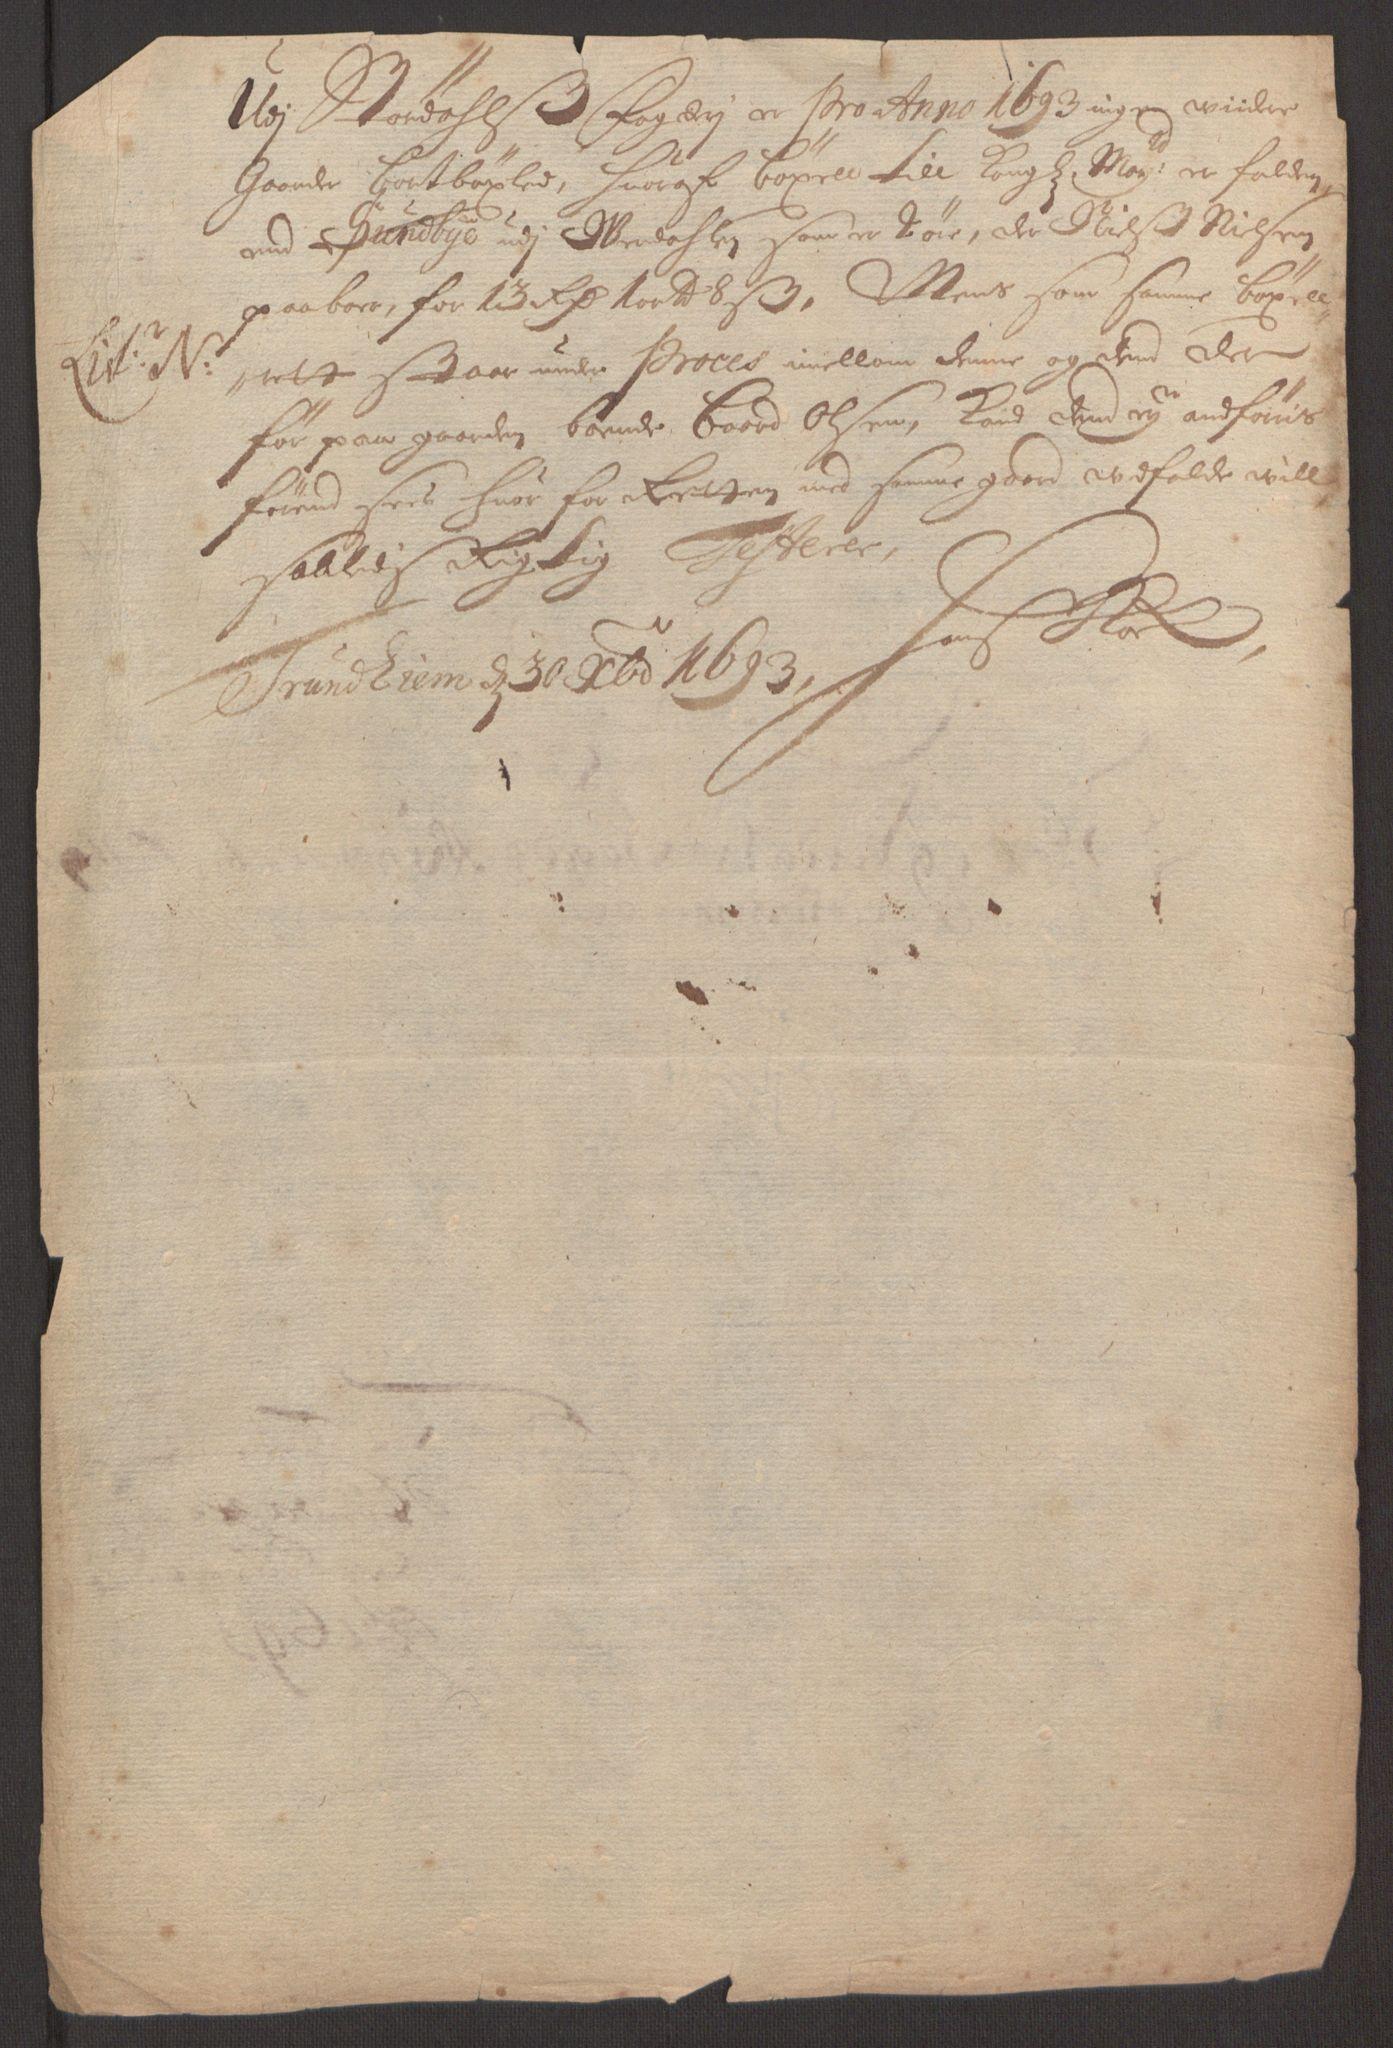 RA, Rentekammeret inntil 1814, Reviderte regnskaper, Fogderegnskap, R62/L4186: Fogderegnskap Stjørdal og Verdal, 1693-1694, s. 135